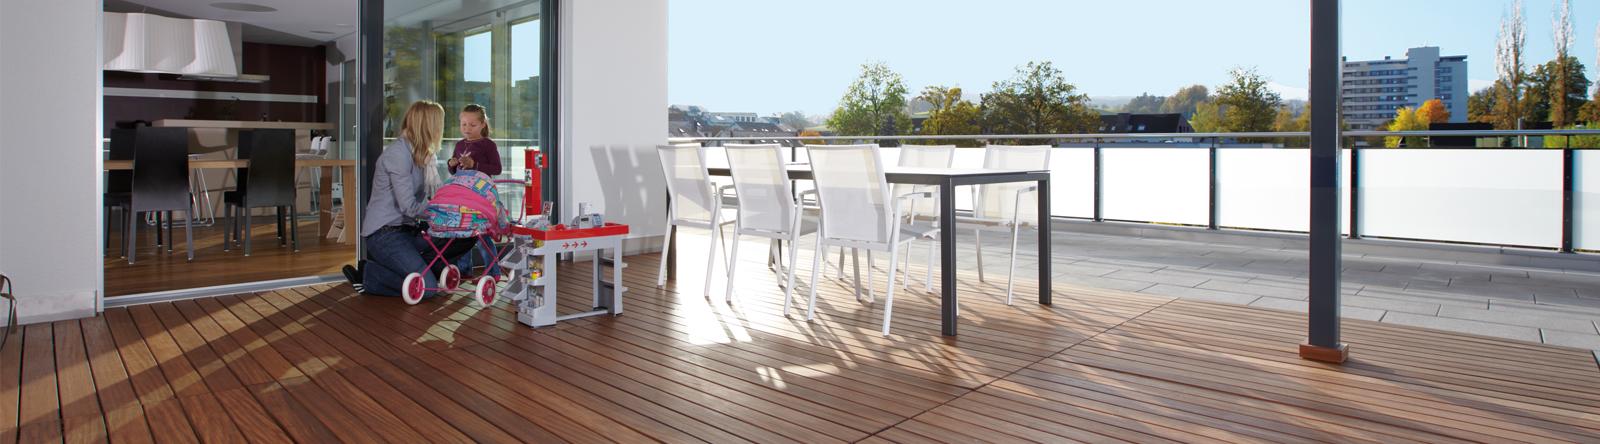 balkonabdeckung h sler massivholz ag. Black Bedroom Furniture Sets. Home Design Ideas